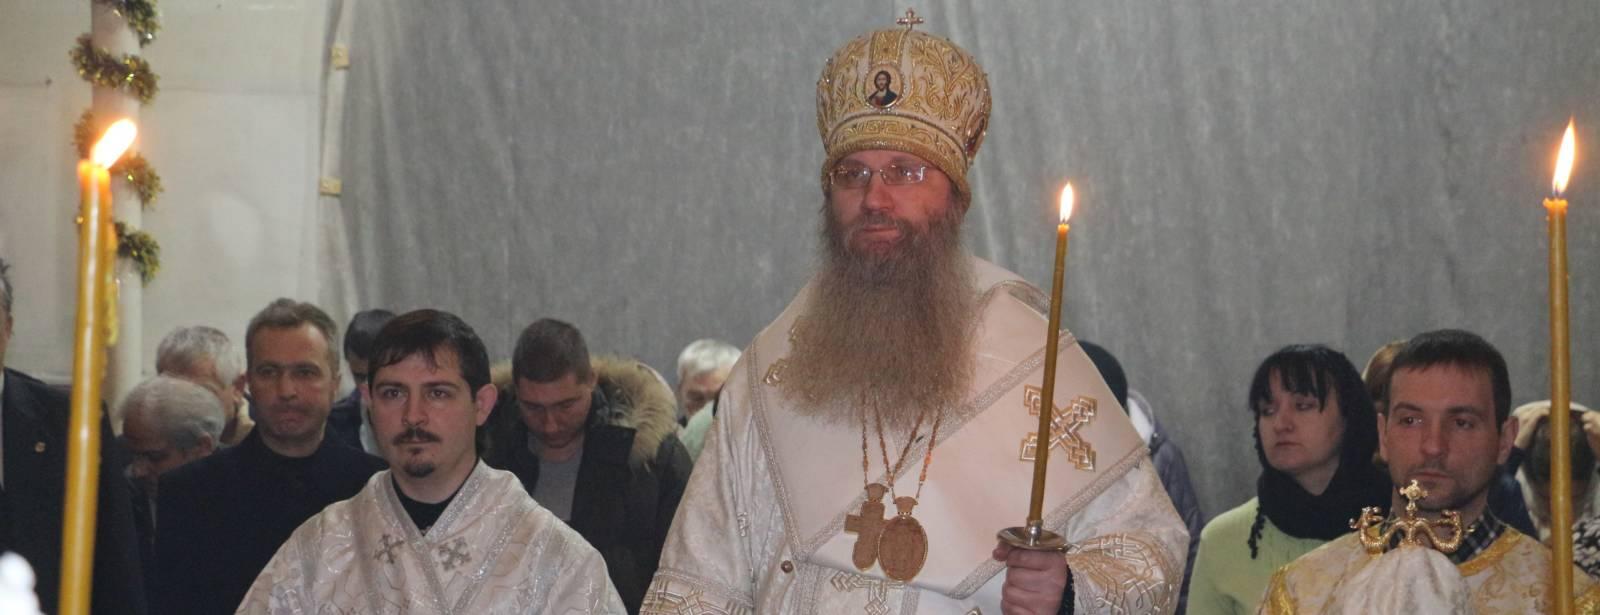 Всенощное Бдение в храме Святаго Духа Утешителя г. Жирновск.